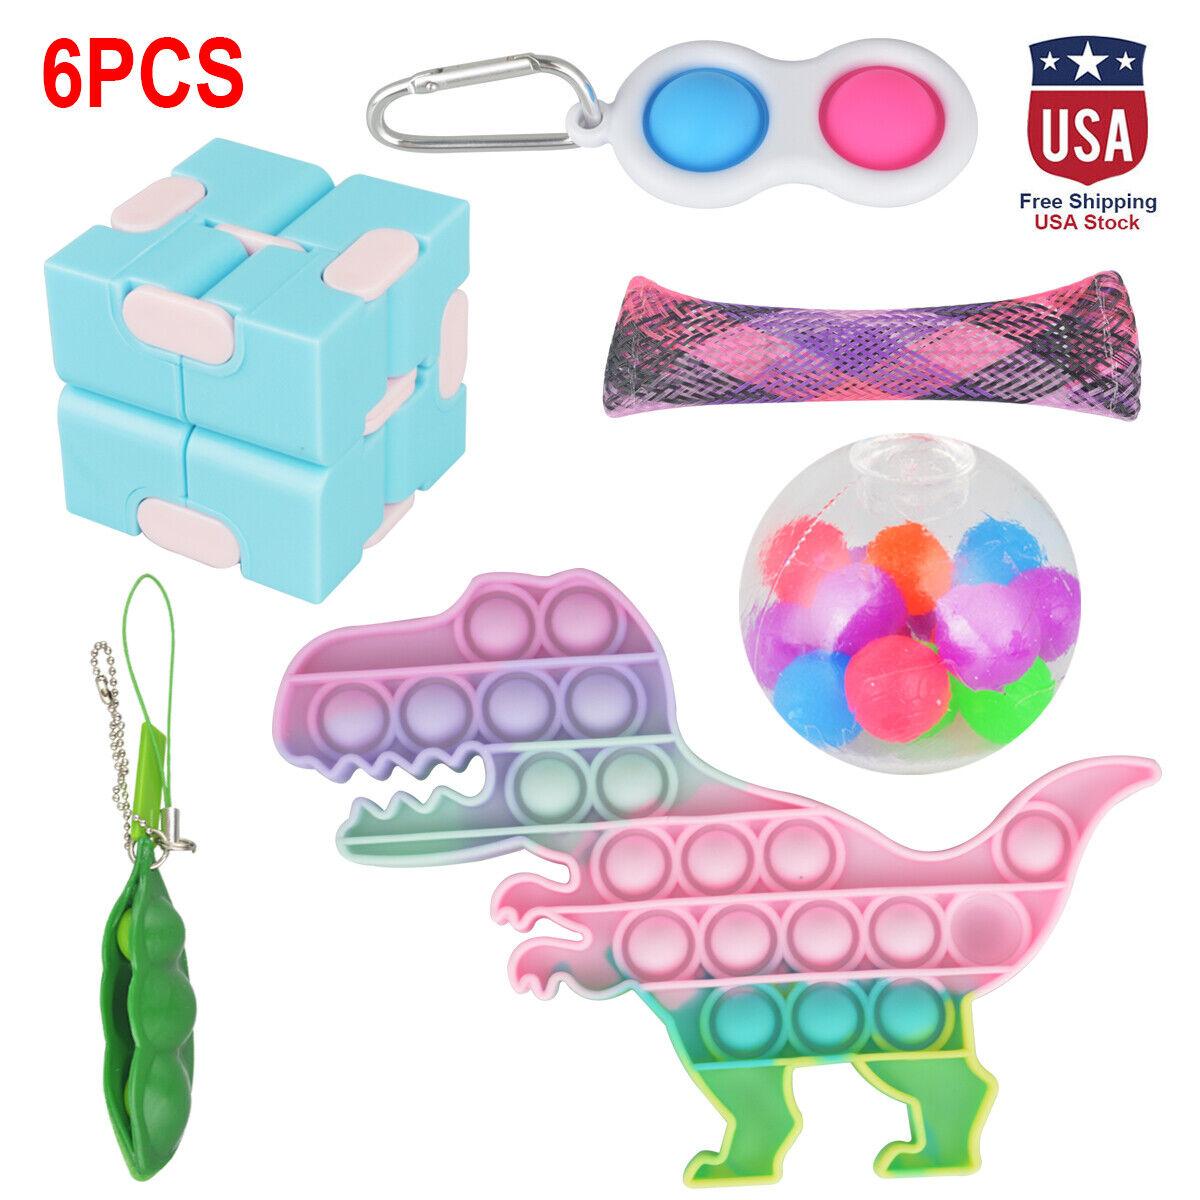 6 Pack Stress Relief Kids Adult Fidget Toy Set Popit Push Bubble Sensory Toys